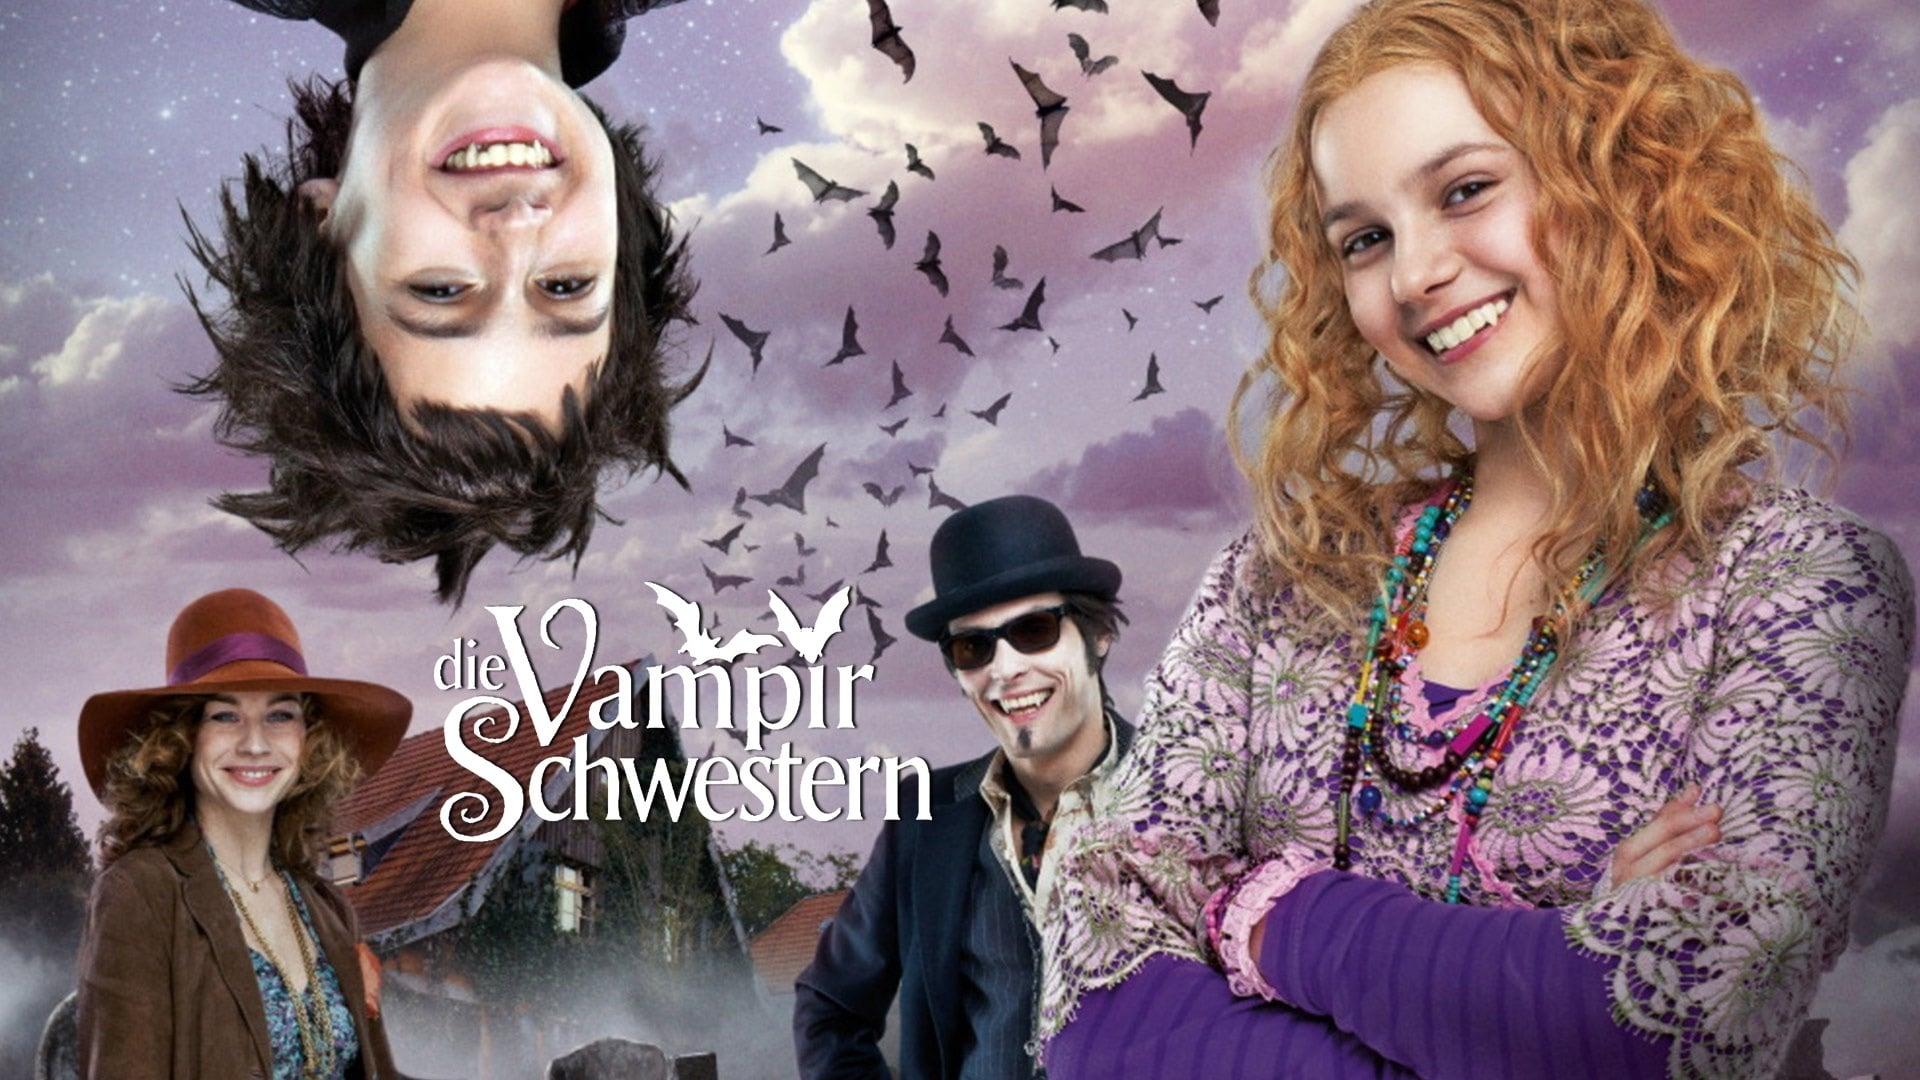 Die Vampirschwestern Ganzer Film